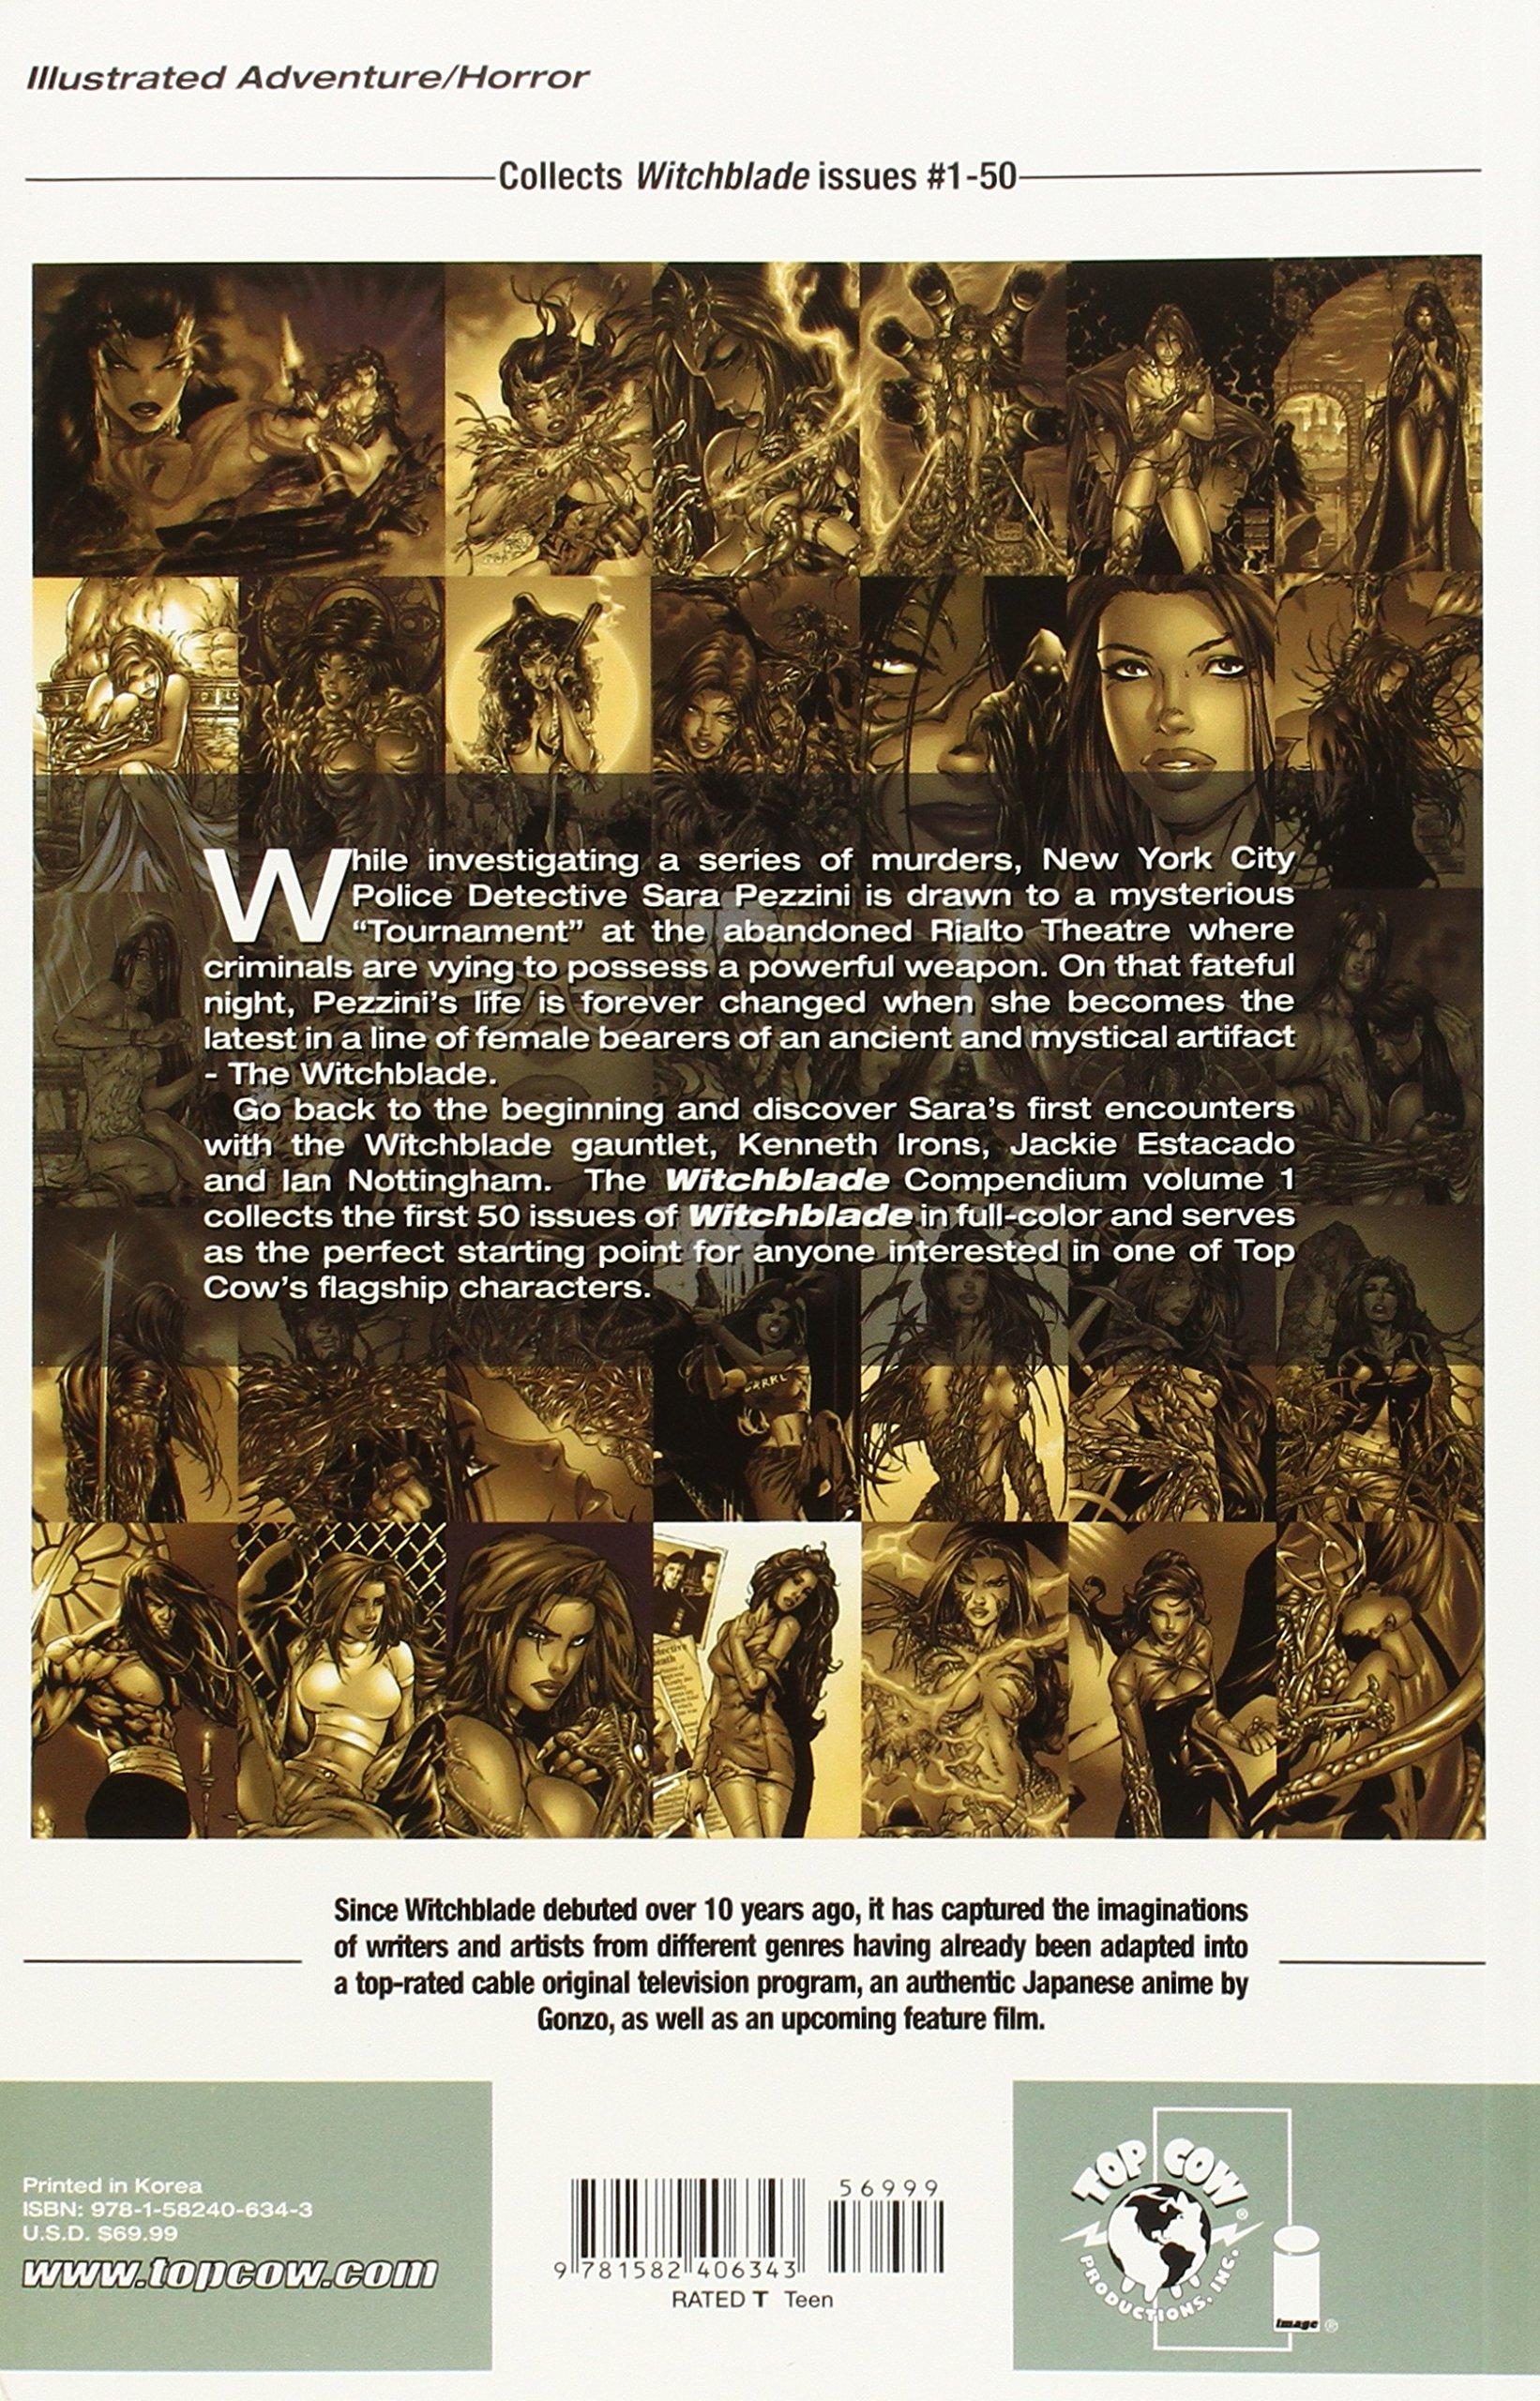 Witchblade Compendium Volume I